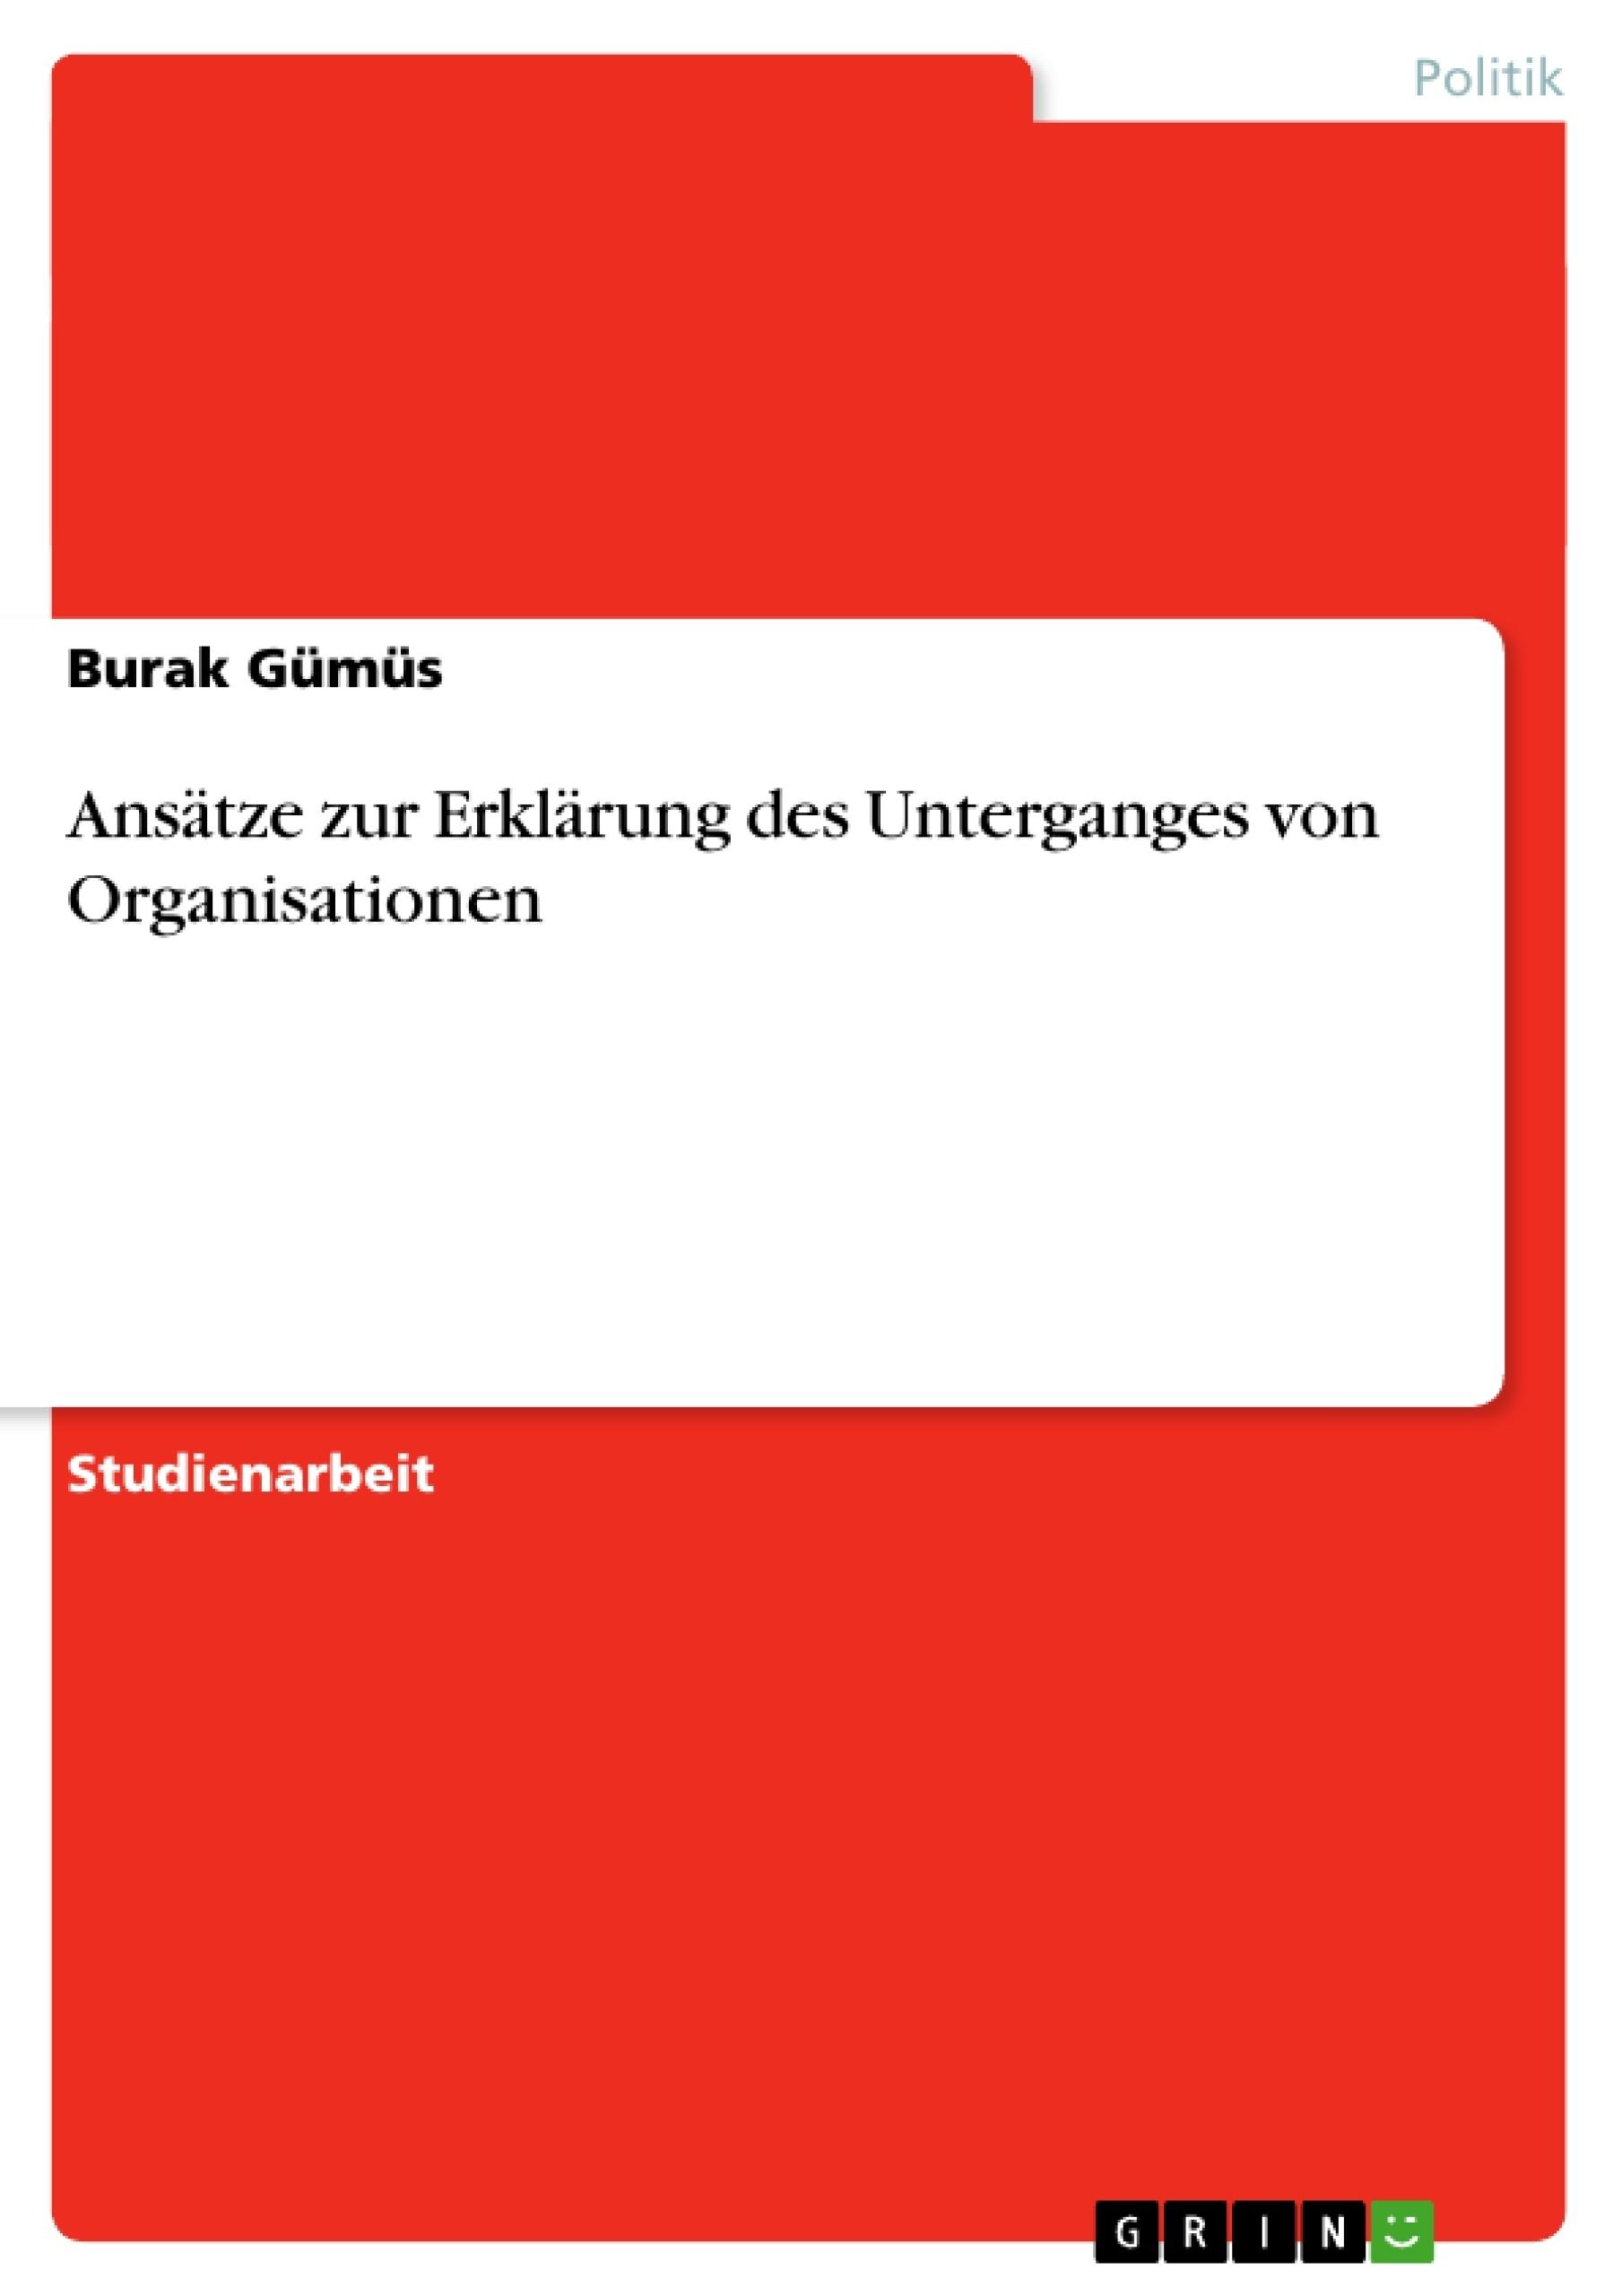 Titel: Ansätze zur Erklärung des Unterganges von Organisationen